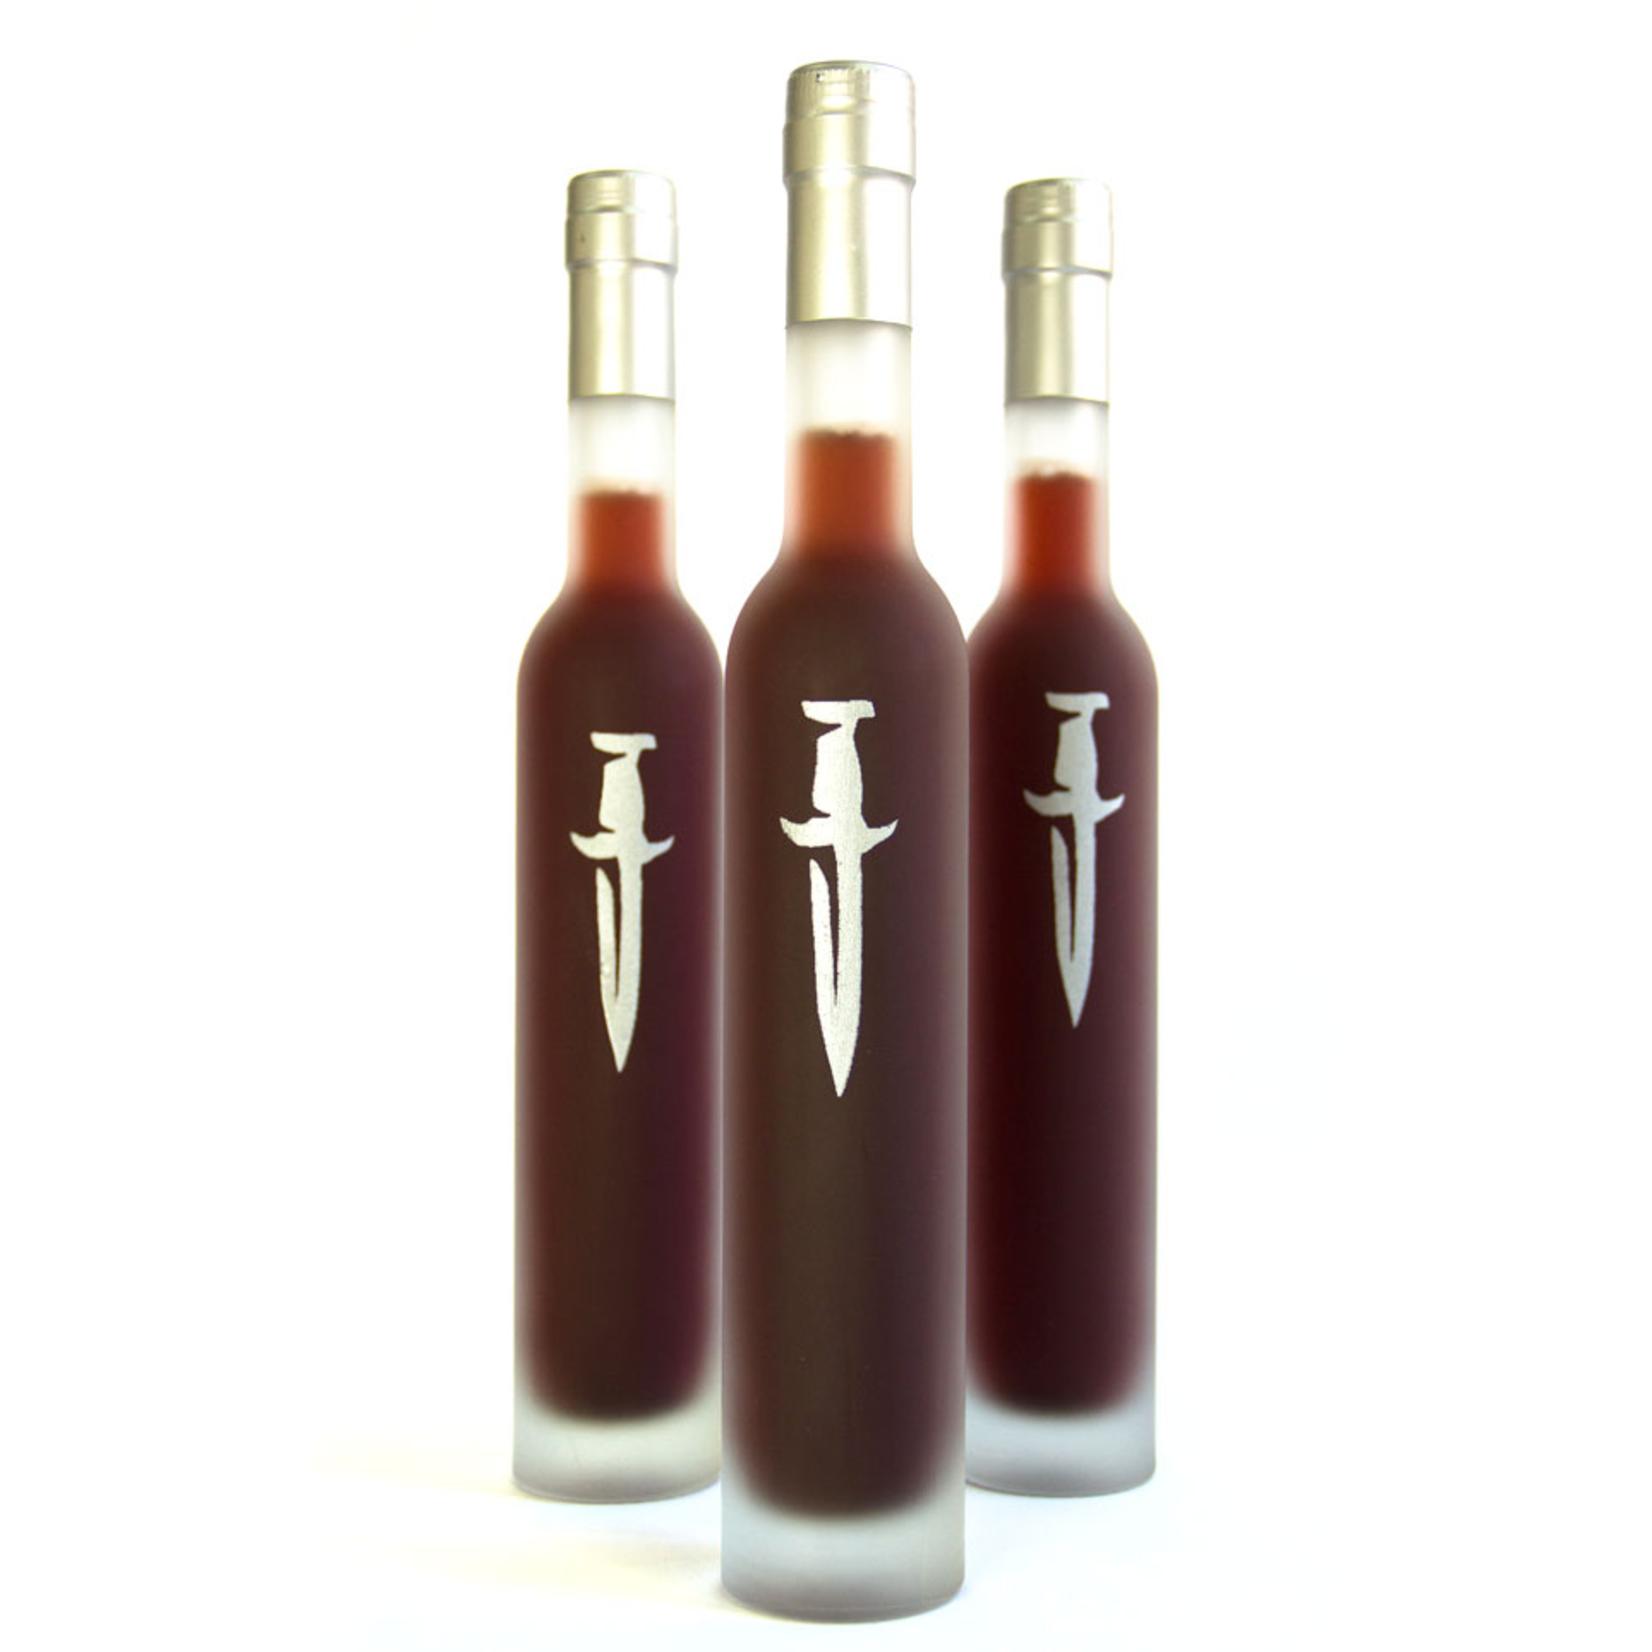 Wine Enlightenment Wines 'Dagger' Tart Cherry Yarrow Hemlock Chamomile Mead 375ml